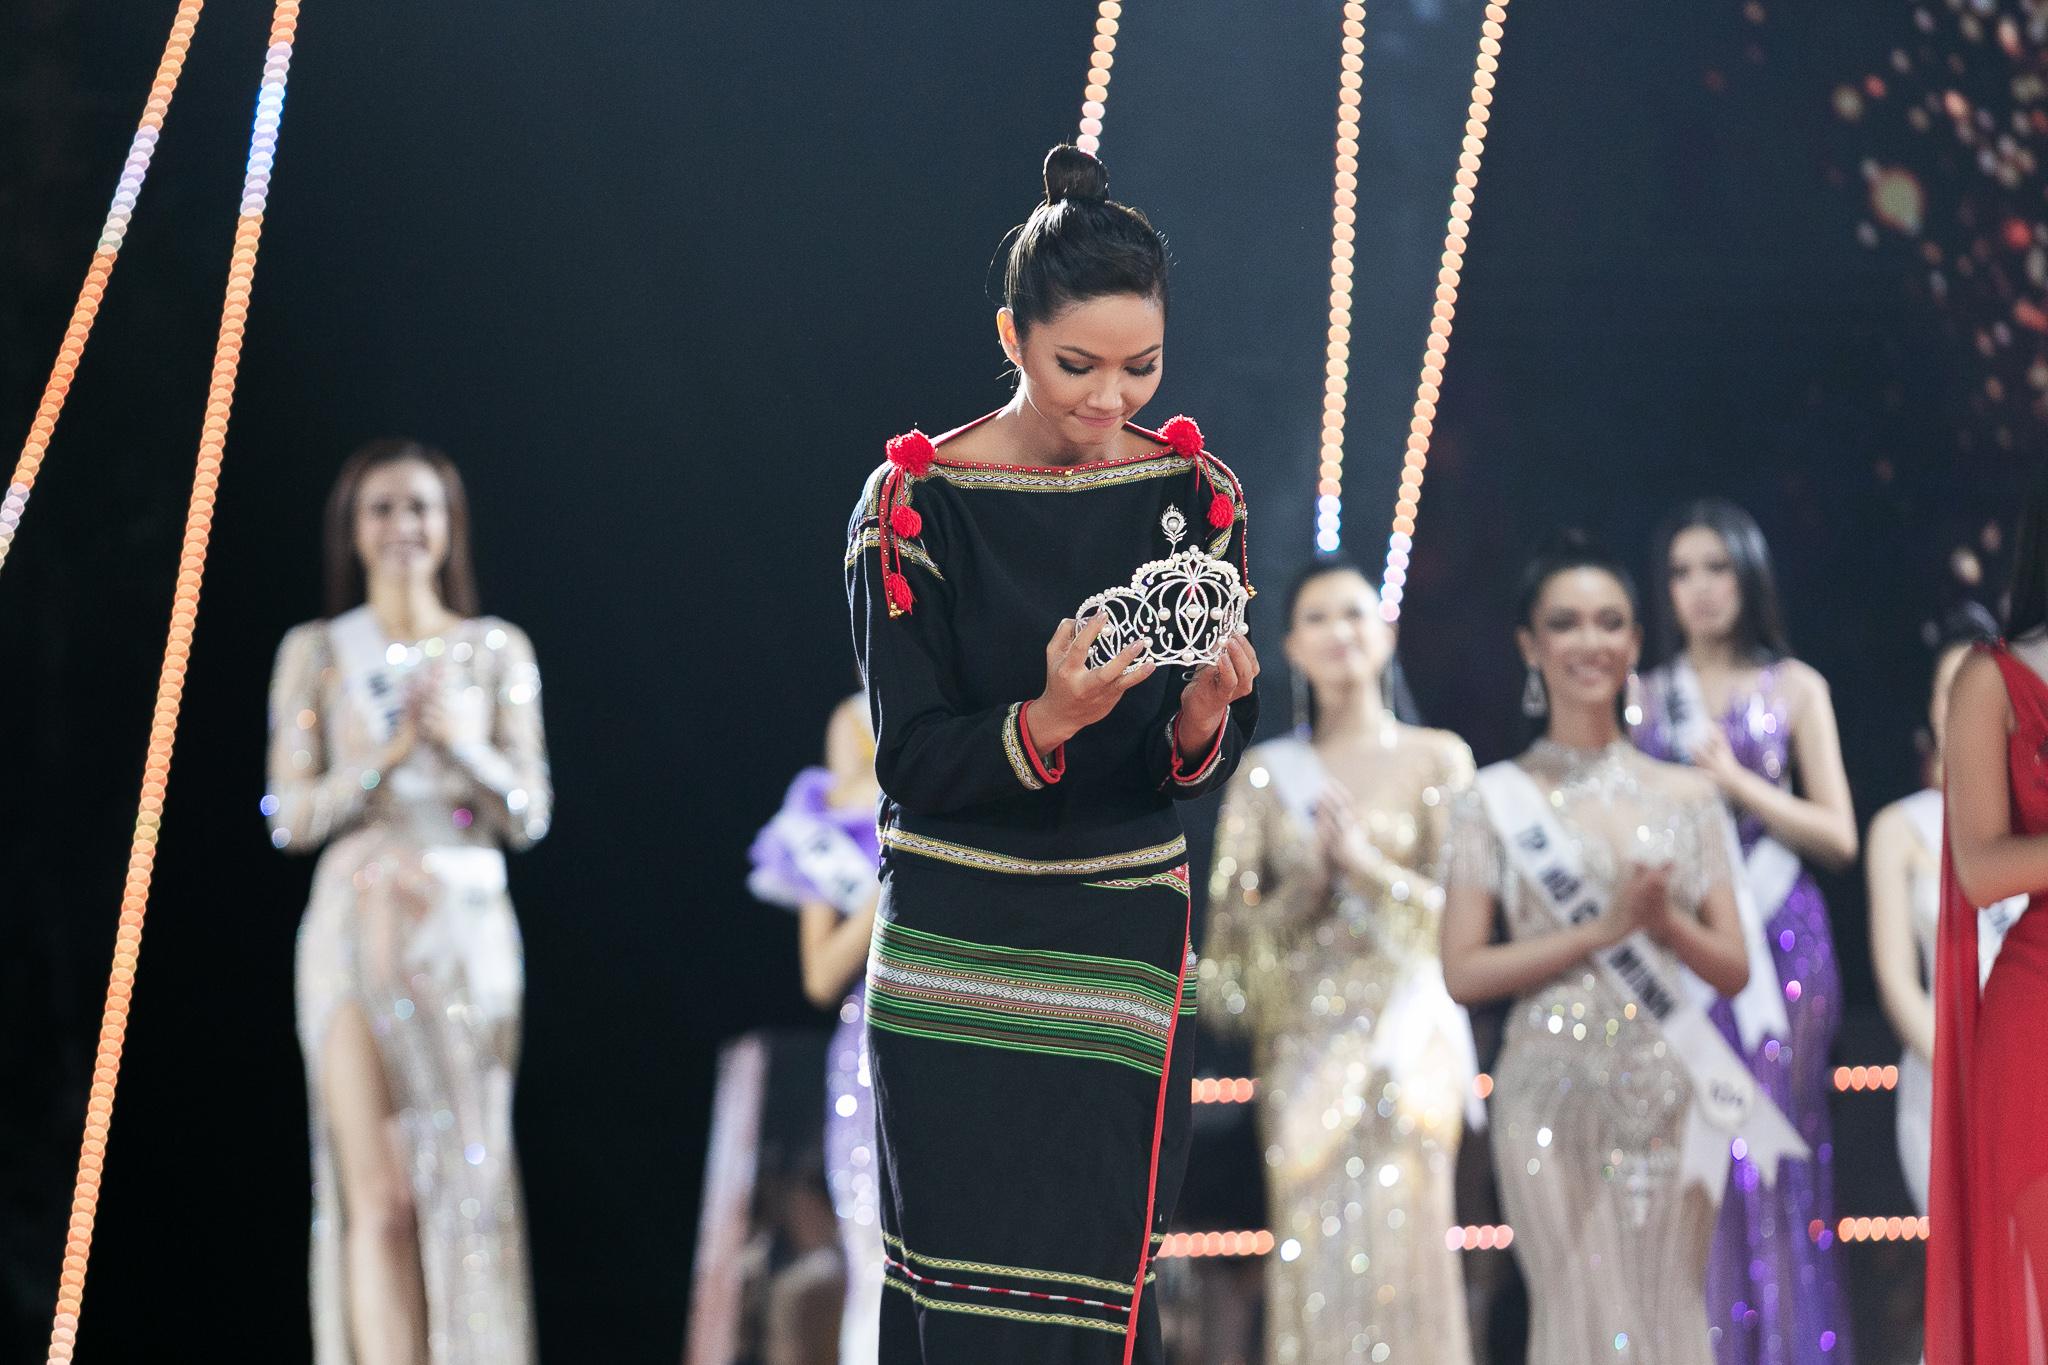 Hoa hậu H'Hen Niê kết thúc nhiệm kỳ 2 năm Hoa hậu Hoàn vũ Việt Nam